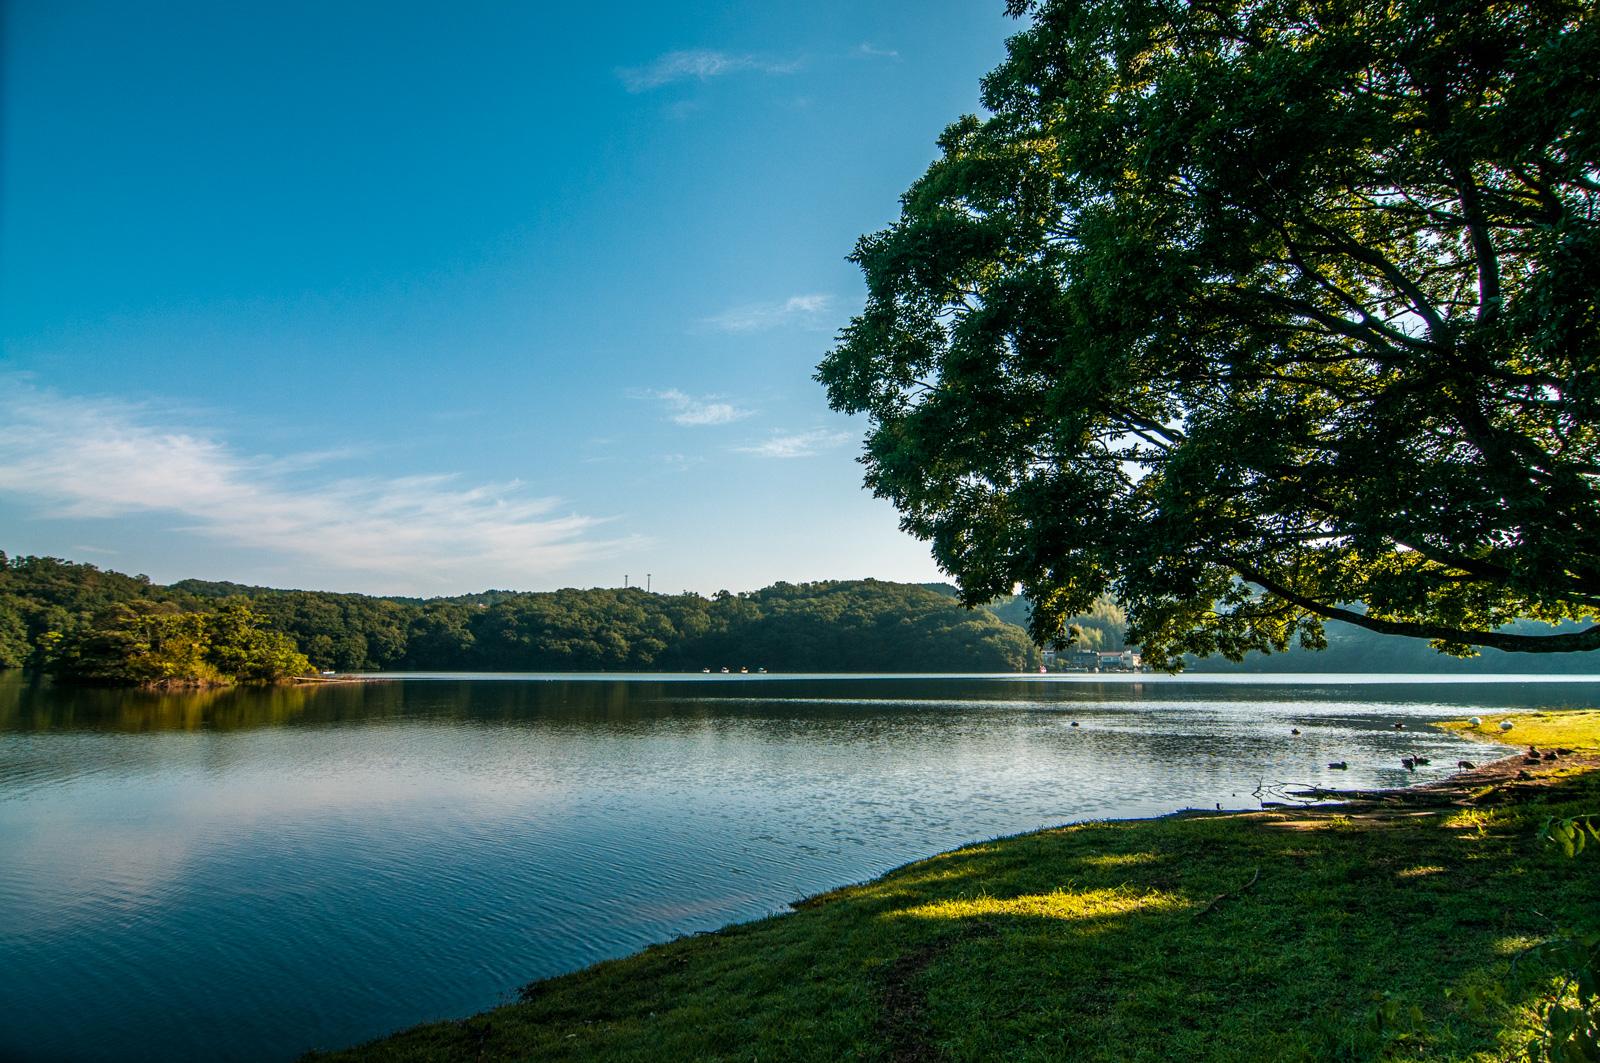 伊豆の瞳「一碧湖」で朝の澄んだ空気を撮影してみる